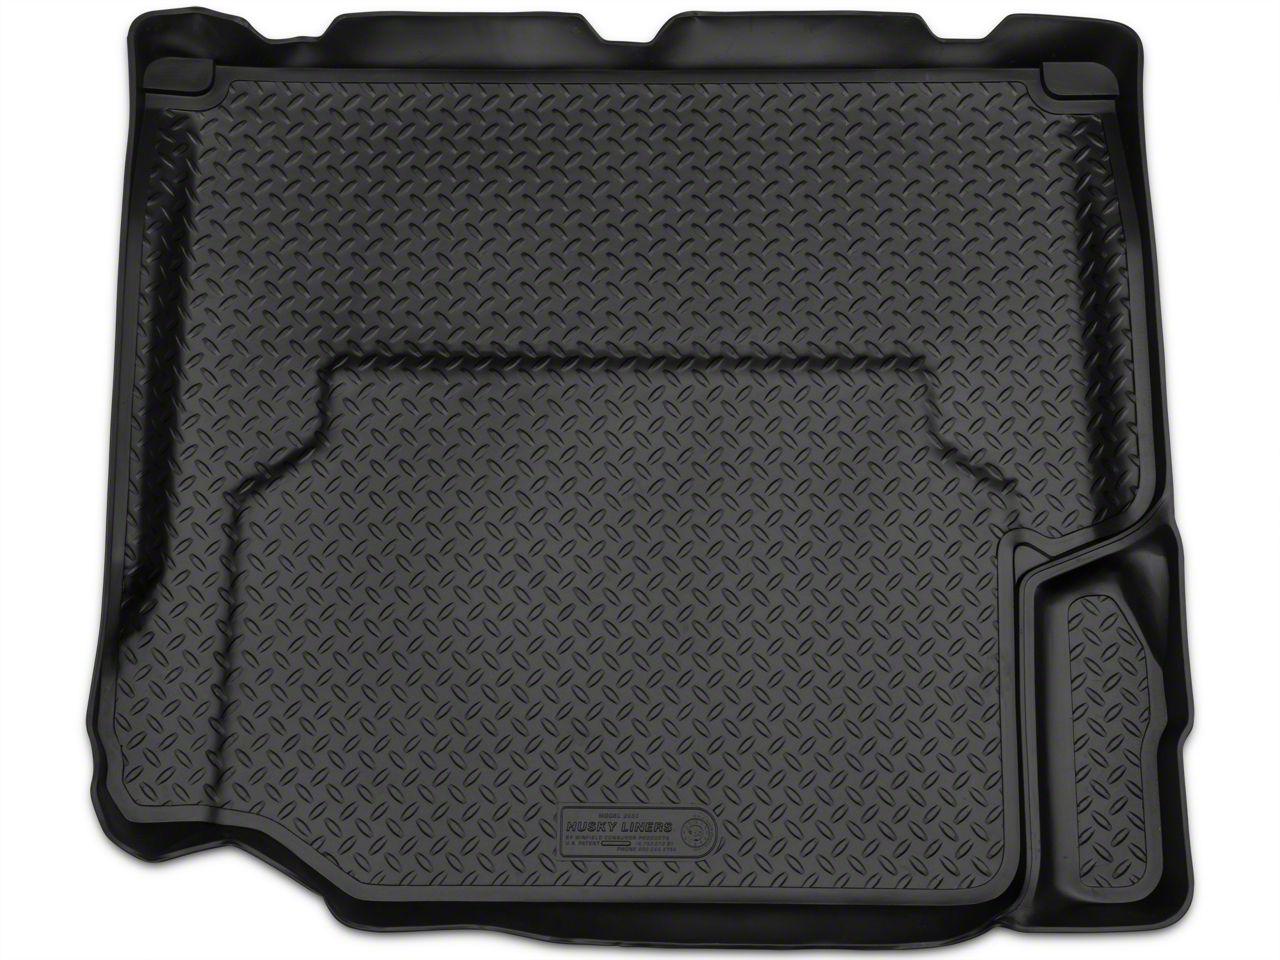 Husky Classic Cargo Liner - Black (07-10 Jeep Wrangler JK 4 Door)